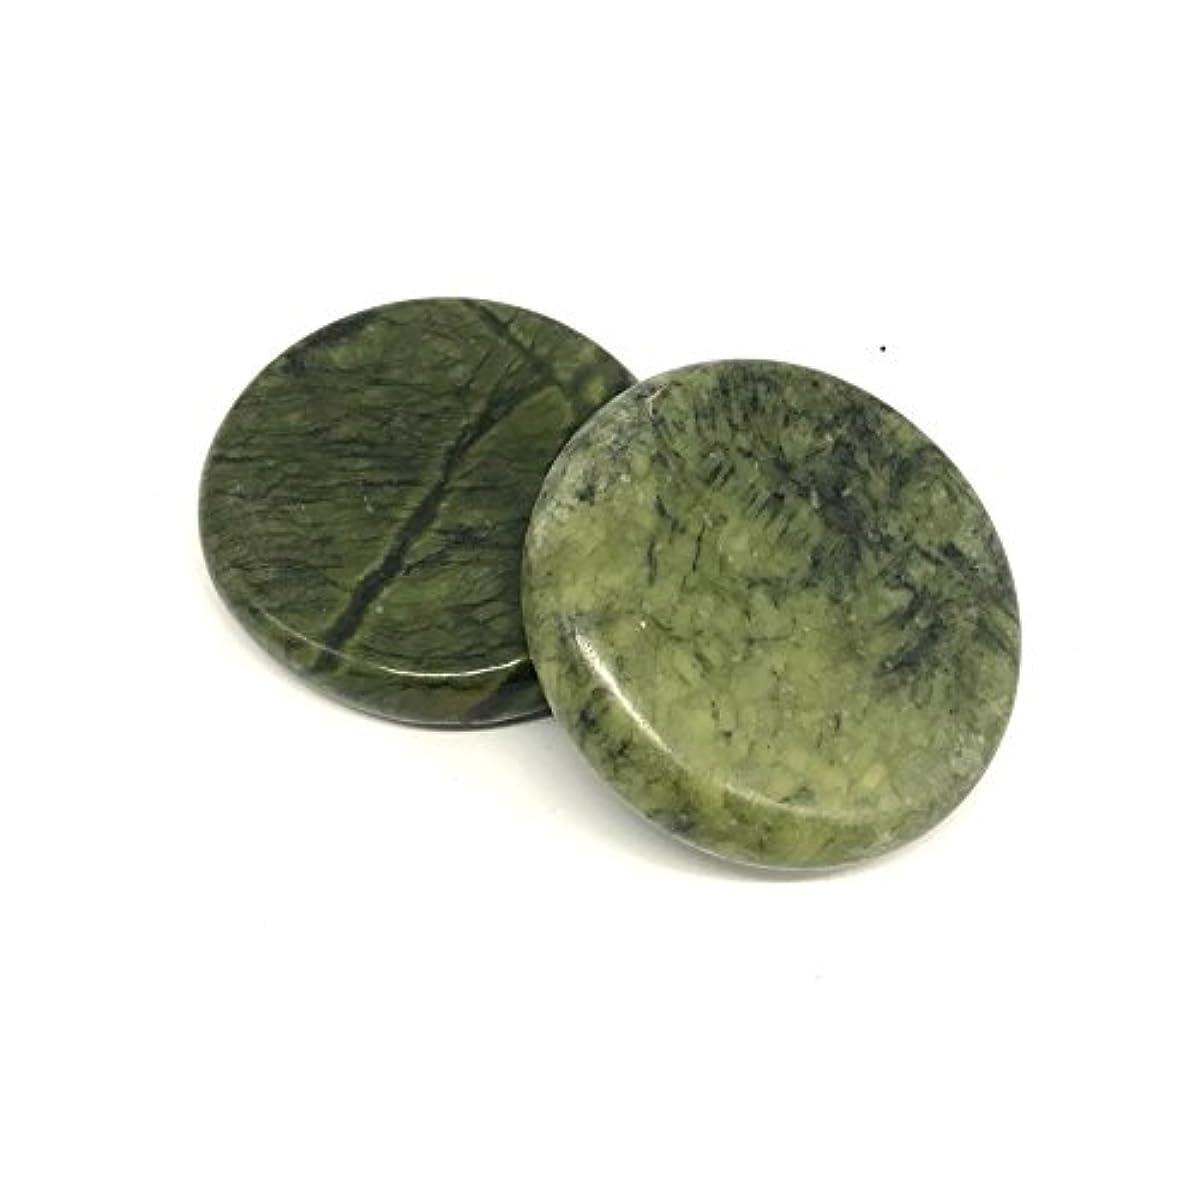 ファイナンス補う費用オリーブ玉翡翠ホットストン 足つぼ?手のひら かっさ Natural Green Jade Stone hot stone for body massage Spa massage tools (L 2 点PCS) (3.14...